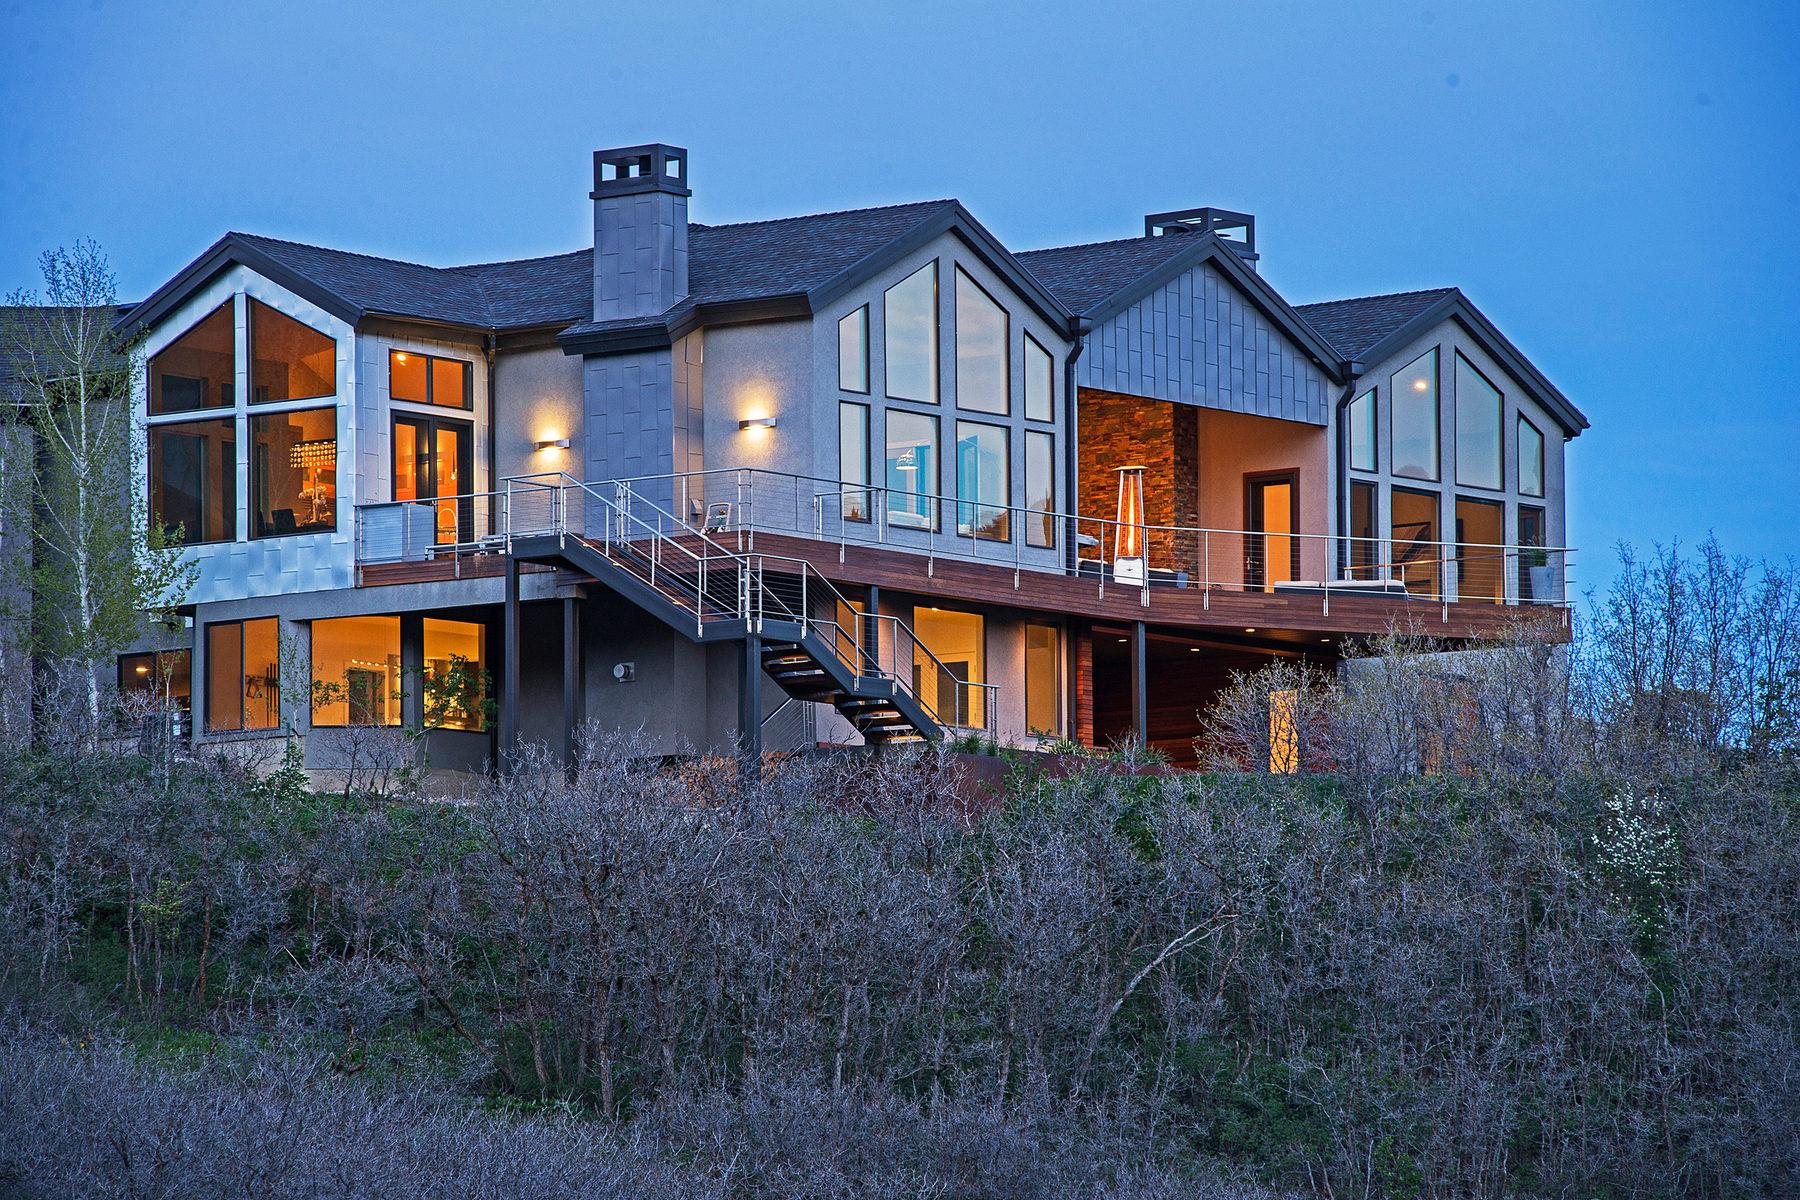 Casa Unifamiliar por un Venta en Breathtaking Island in the Mountains 525 Pioneer Fork Rd Salt Lake City, Utah 84108 Estados Unidos